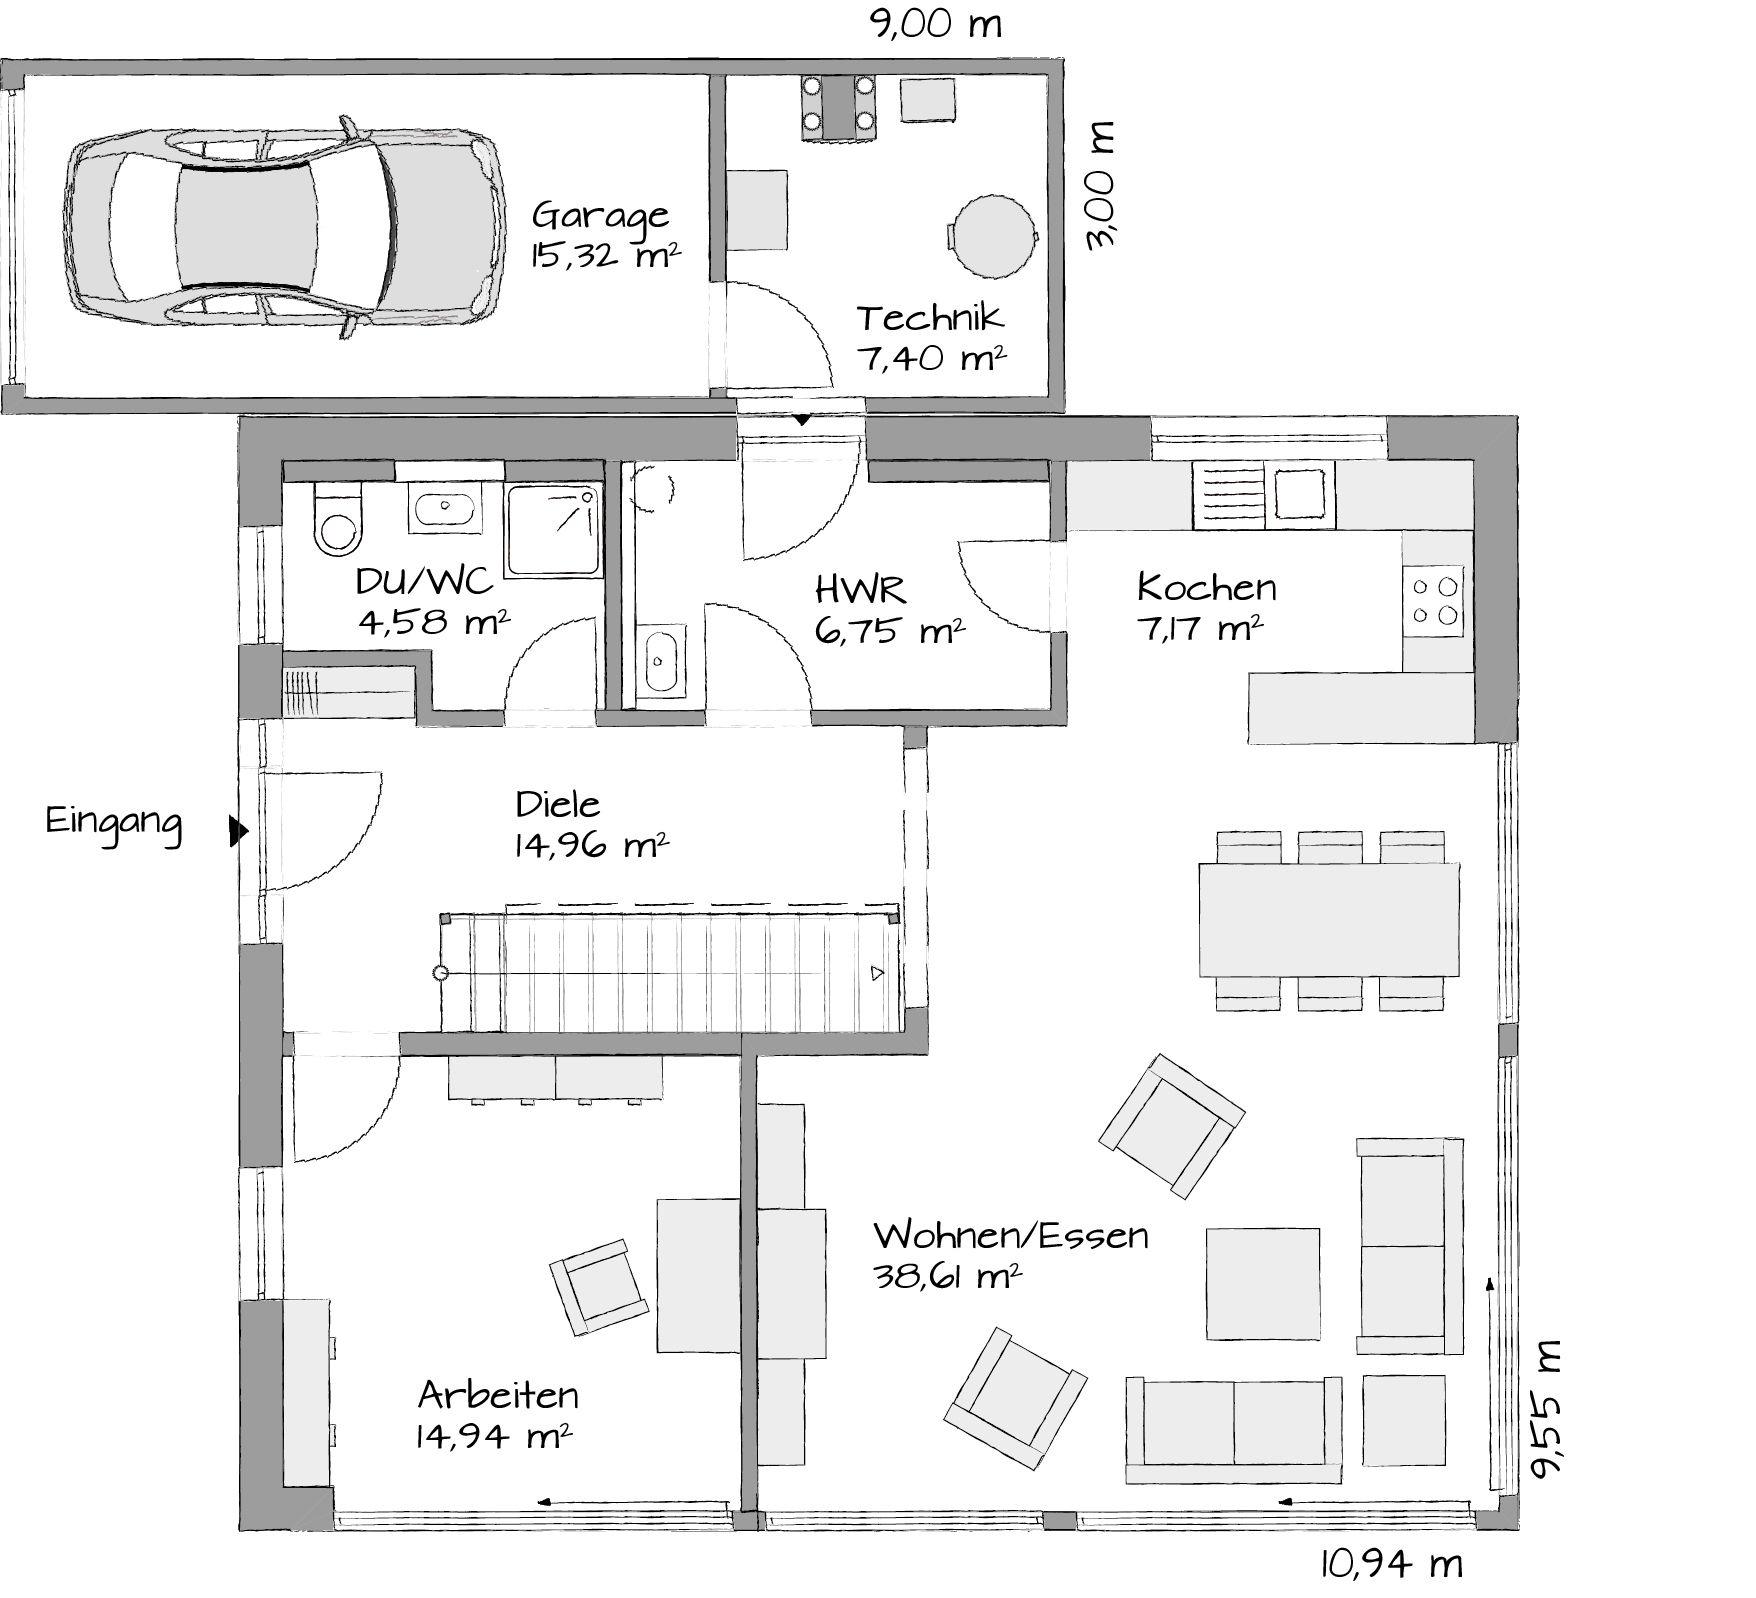 Beispiel grundriss 160 qm eg kubus mit luftraum hausbeispiele for Hausbau ideen bauplane